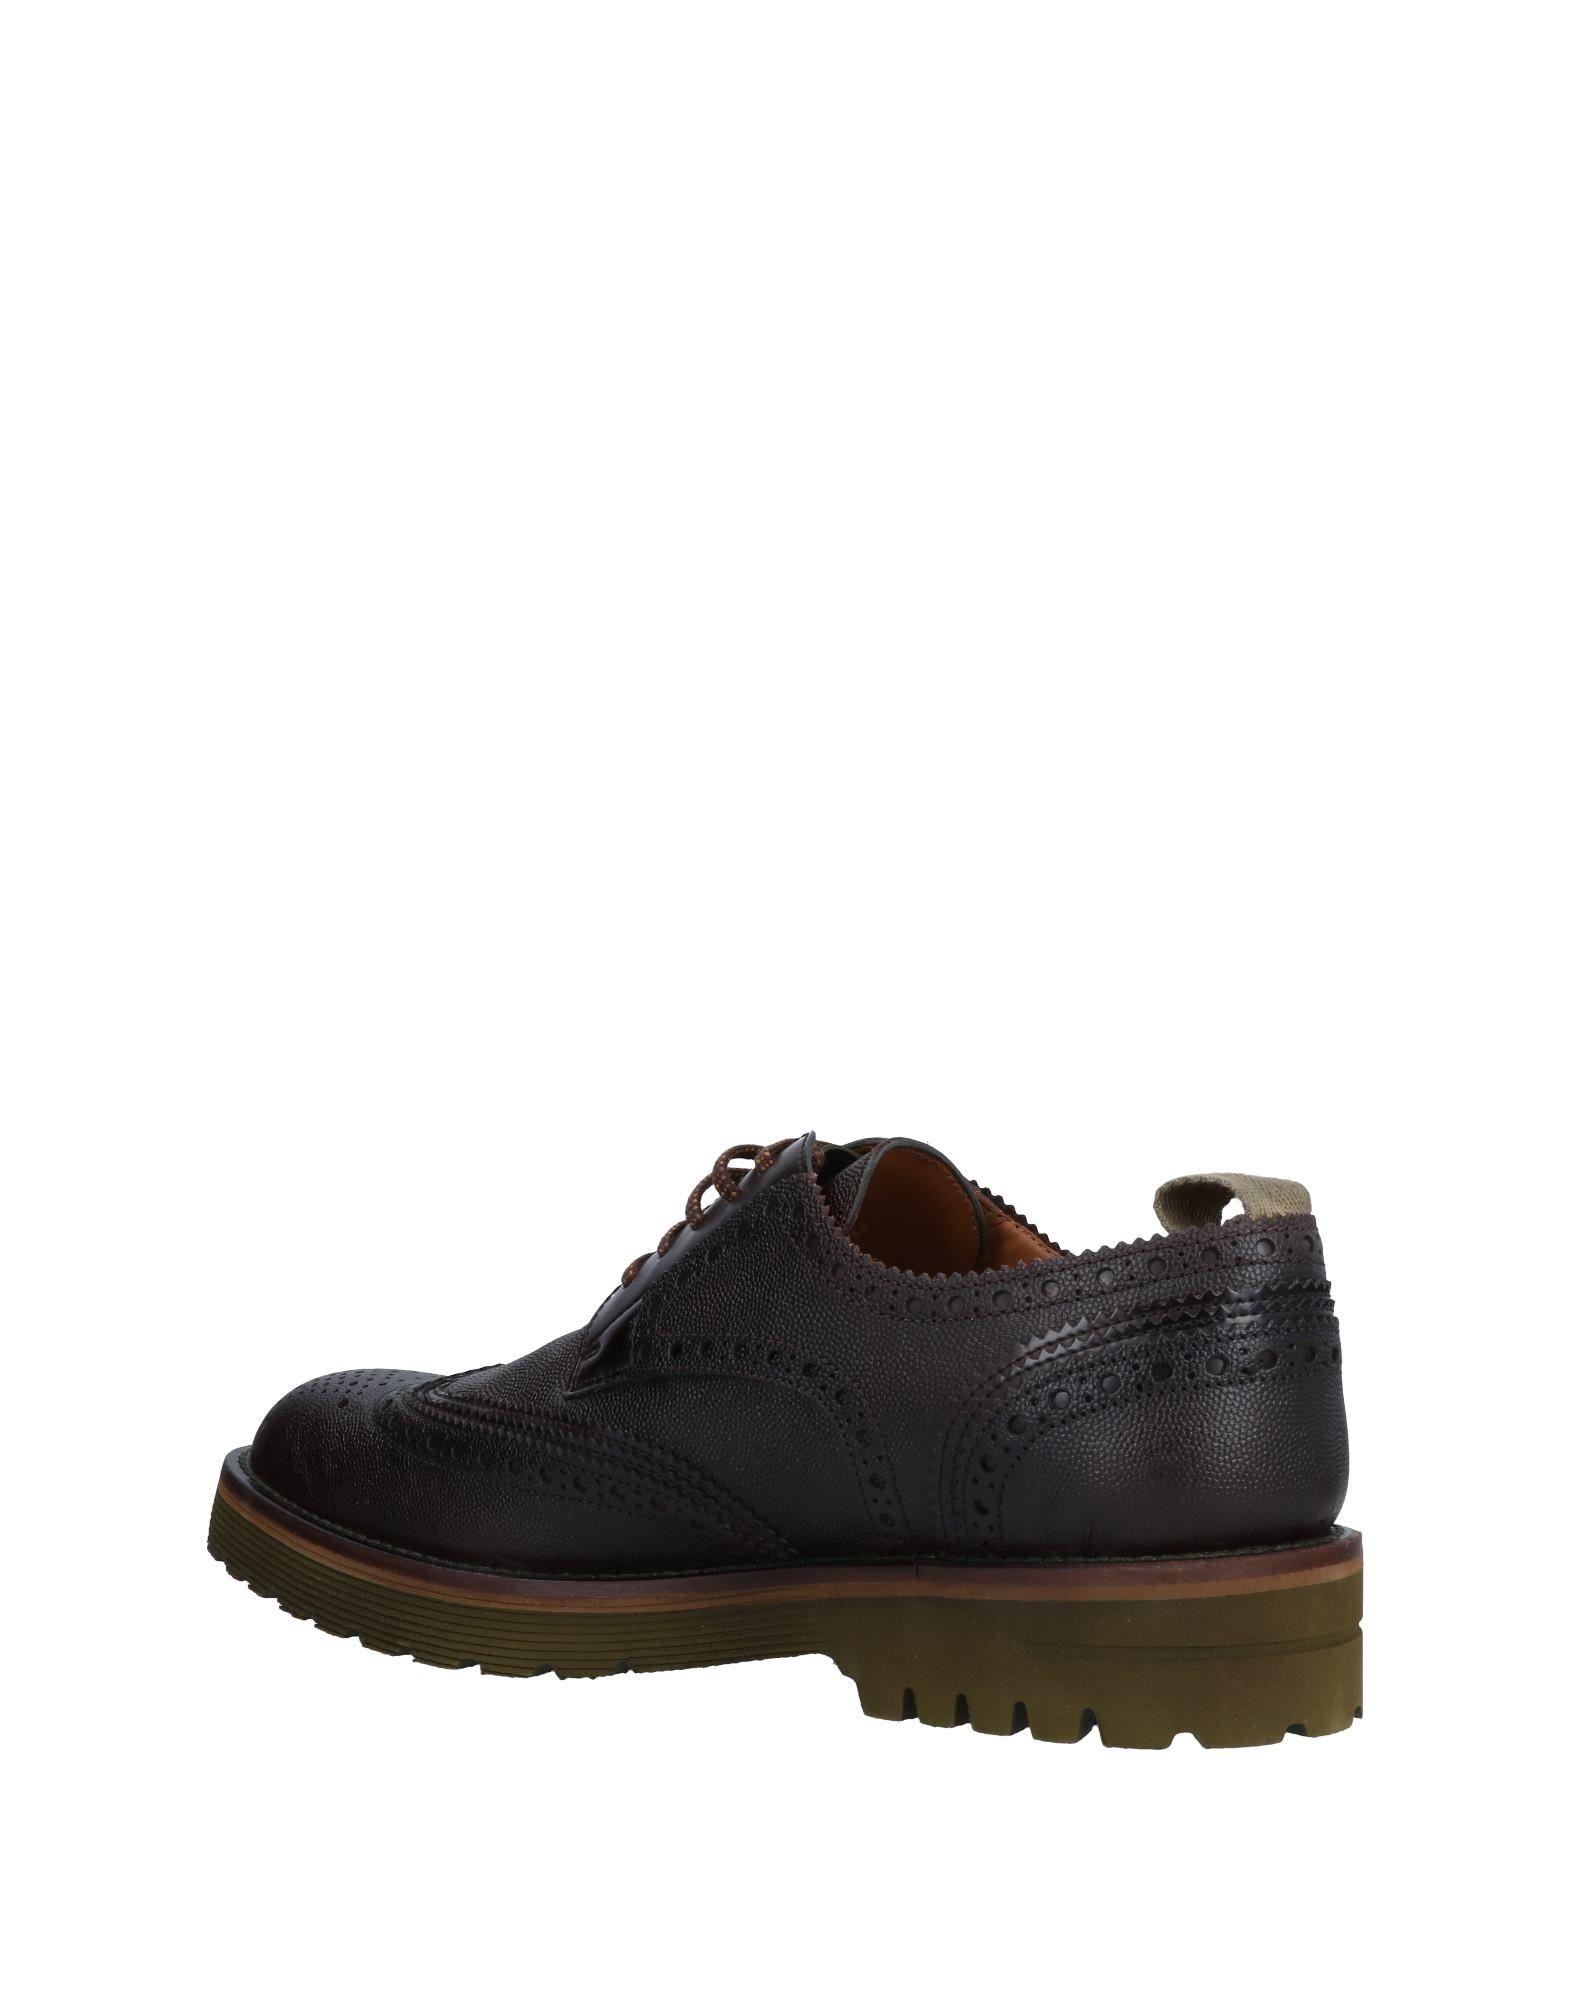 Rabatt echte  Schuhe Brimarts Schnürschuhe Herren  echte 11501873DX 344532